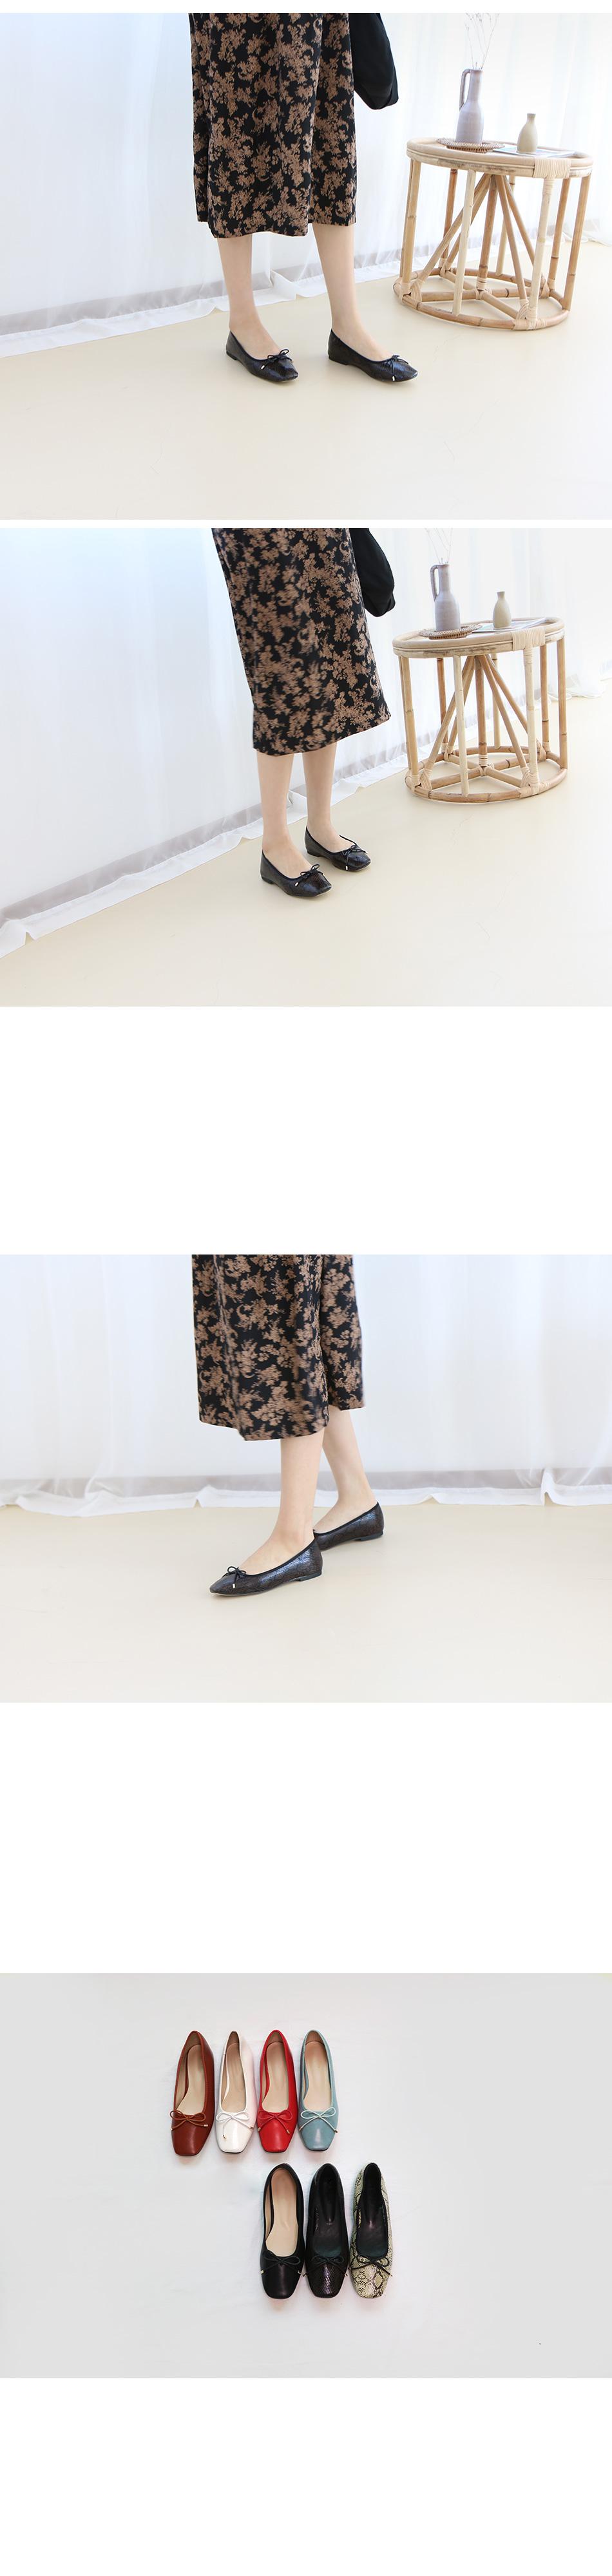 카파온 스퀘어 리본 플랫슈즈 착용컷